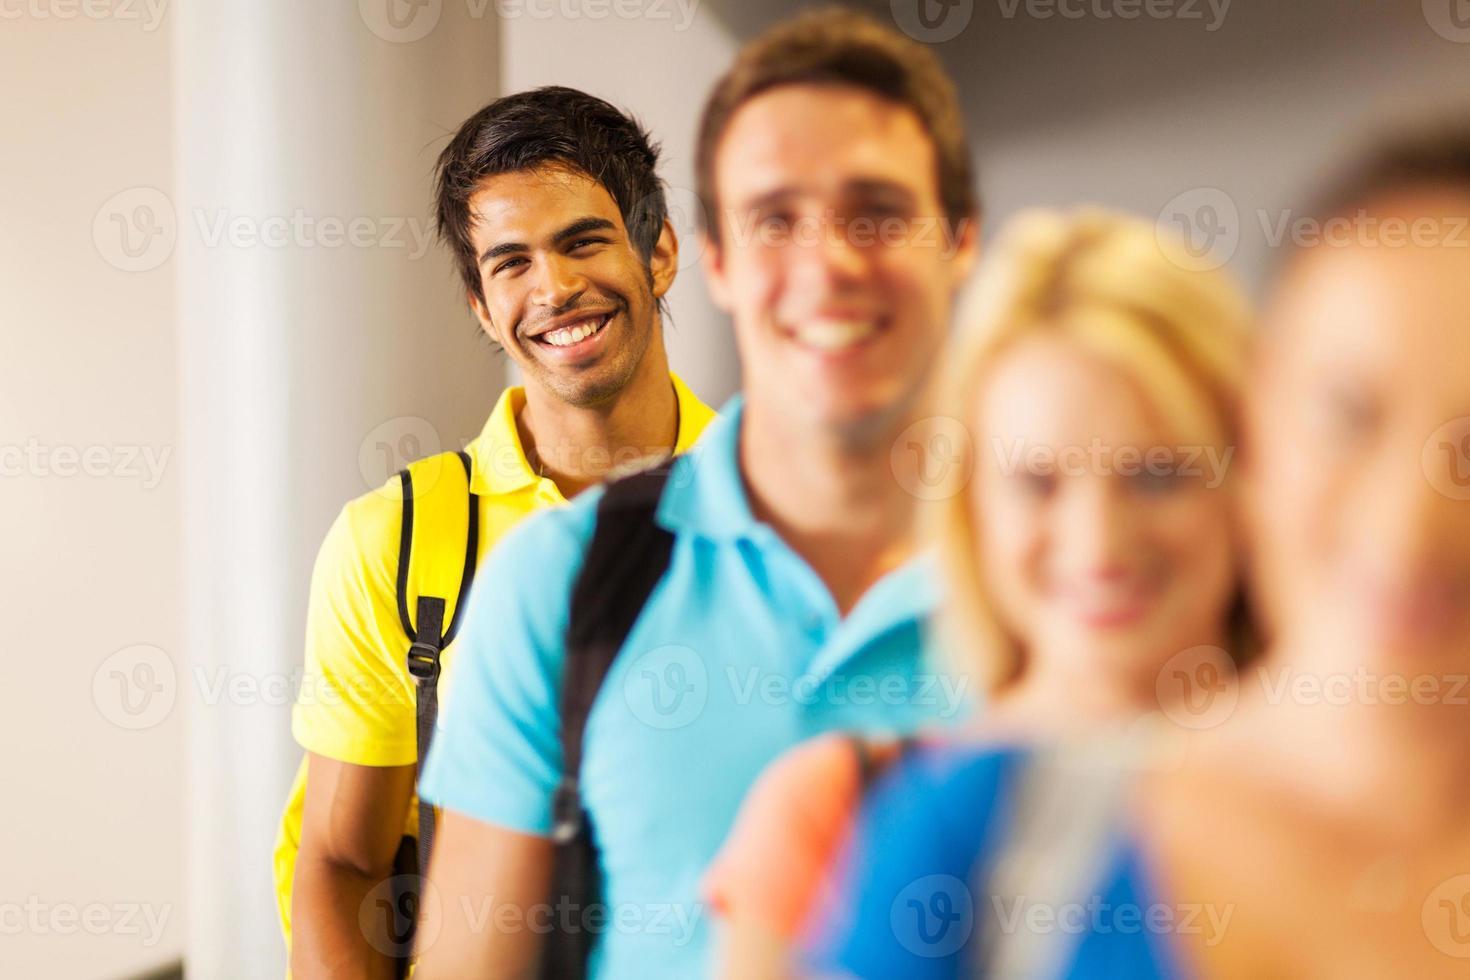 indischer männlicher Student, der in einer Reihe steht foto